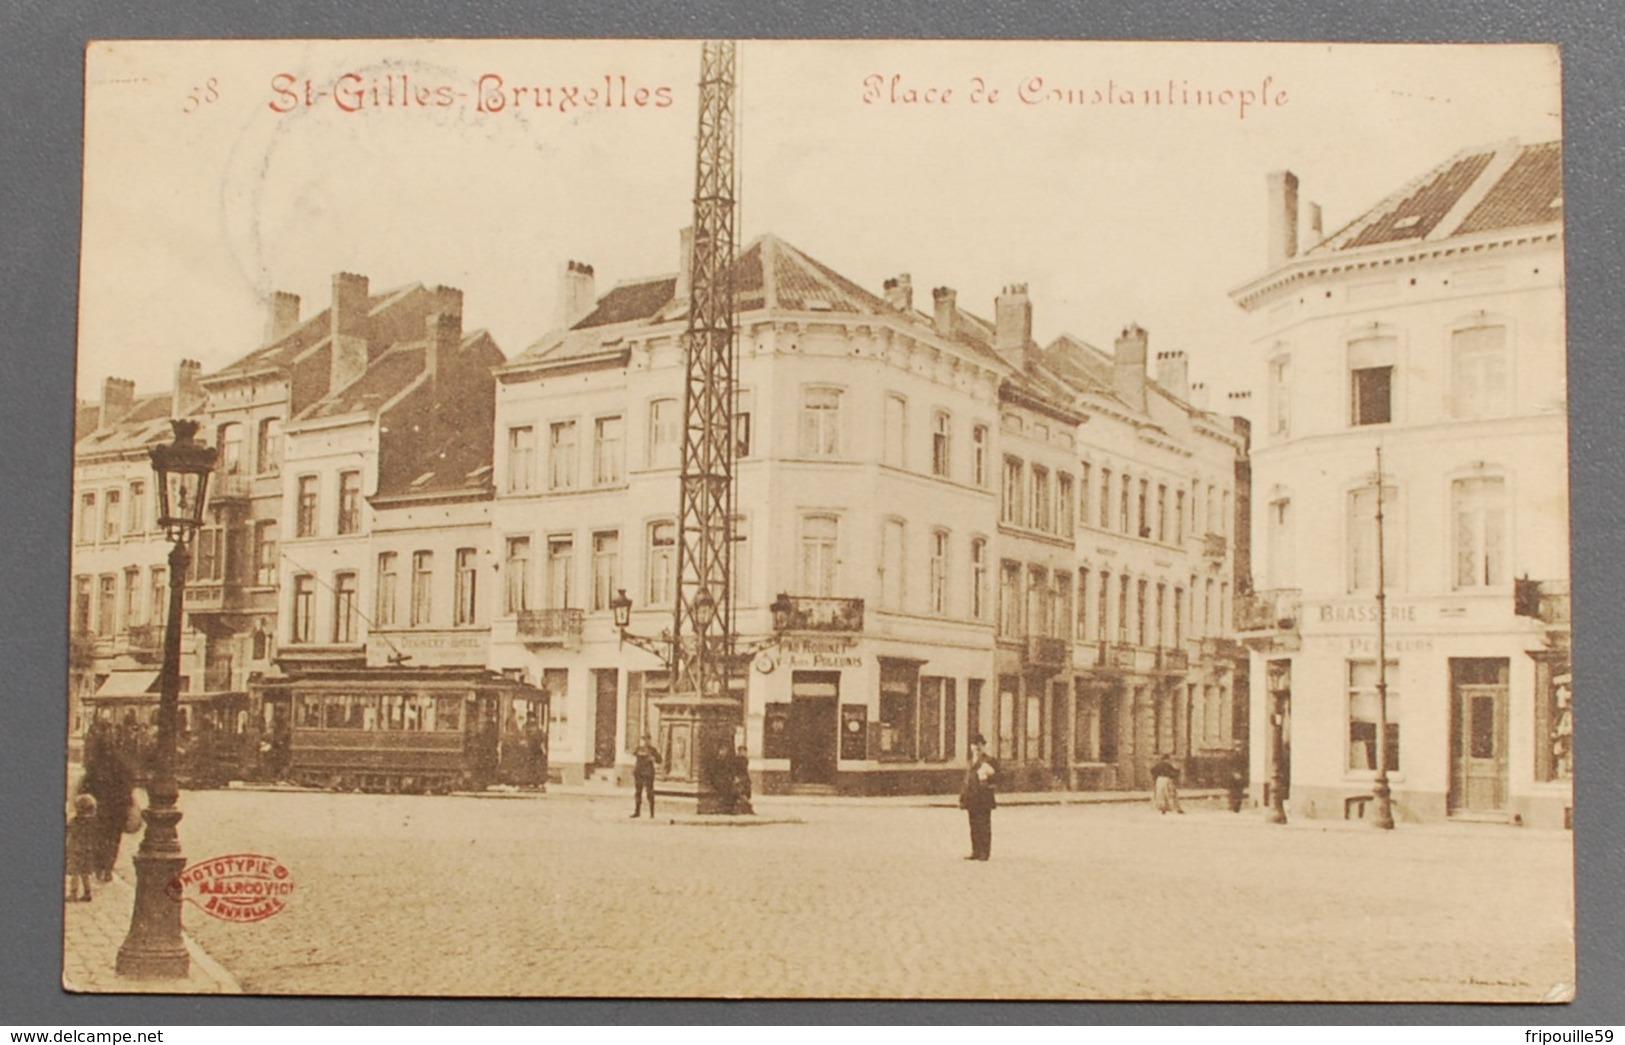 Saint-Gilles - Bruxelles - Place De Constantinople - Ph. Marcovici - 1920 - Tramway - St-Gilles - St-Gillis